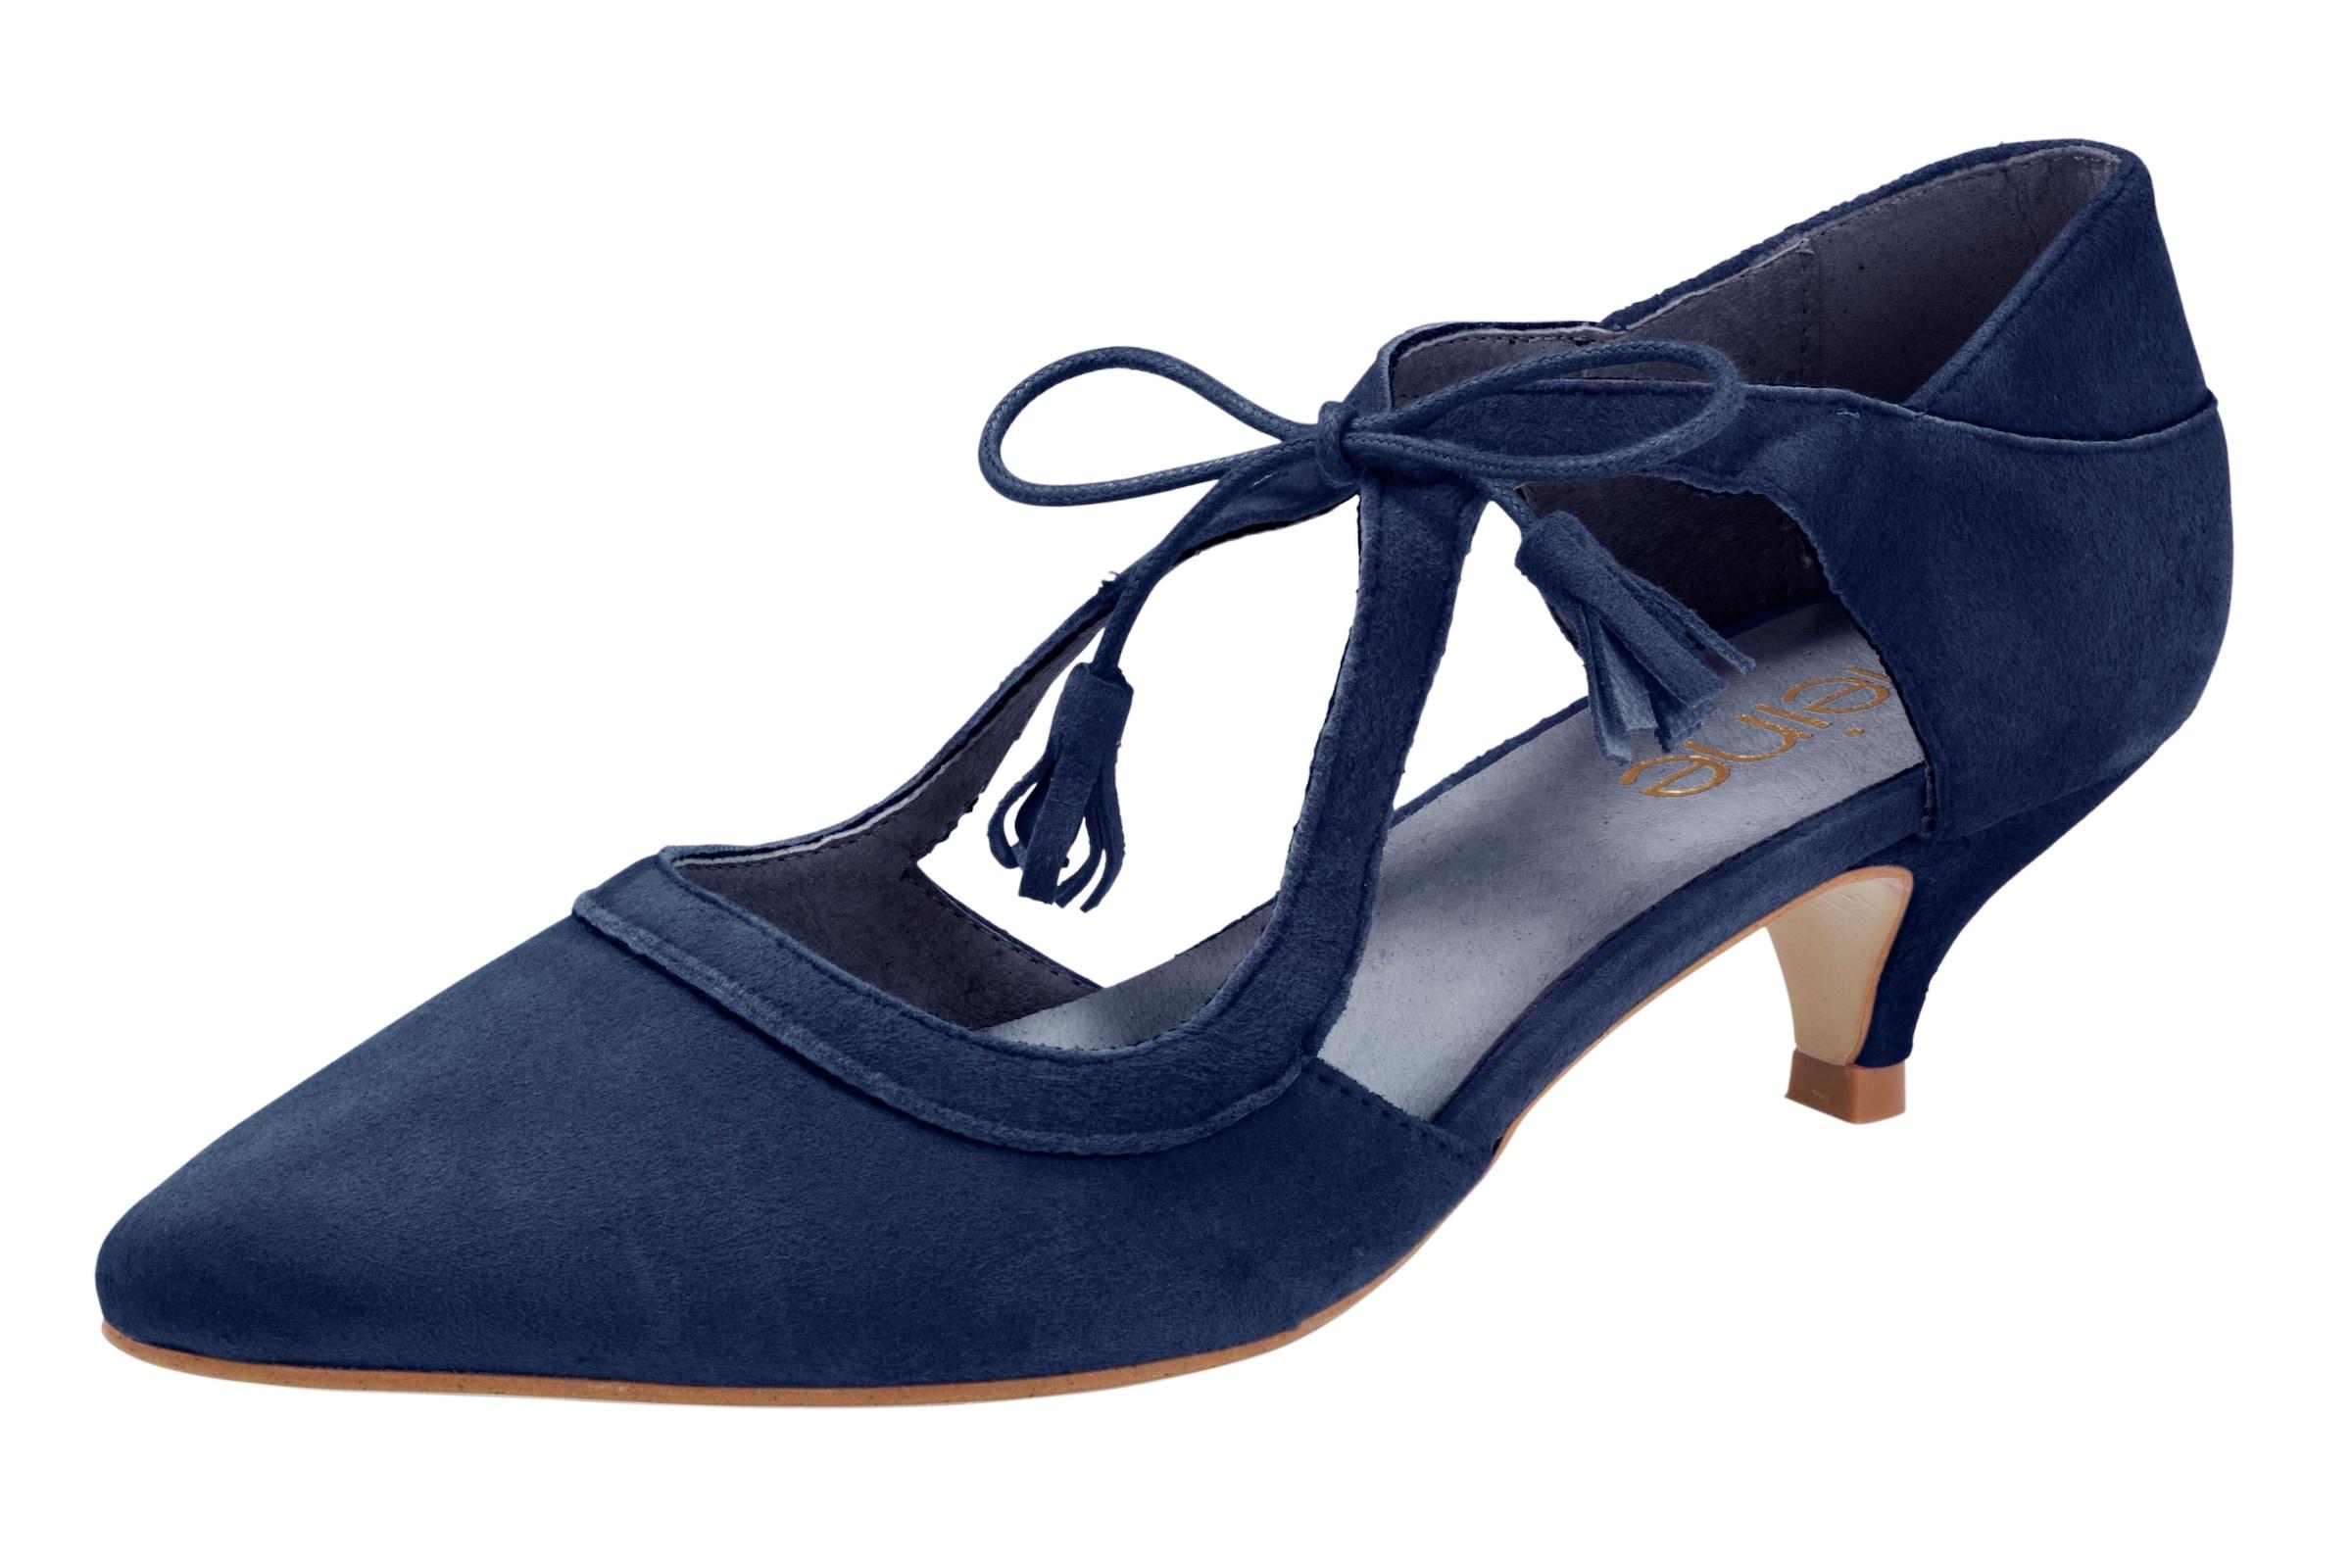 heine Schnürpumps Verschleißfeste billige Schuhe Hohe Qualität